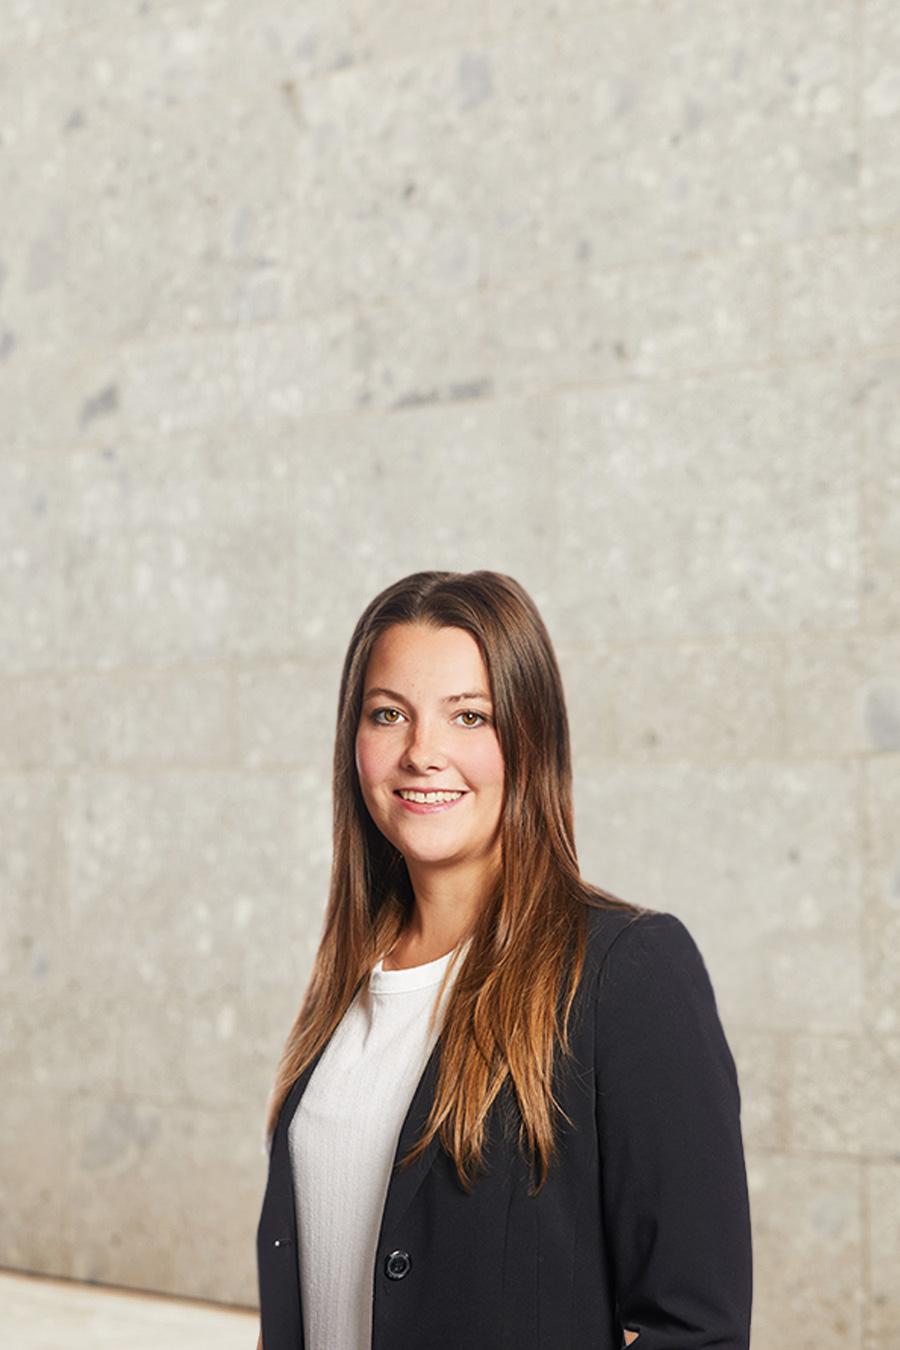 Eva Germscheid